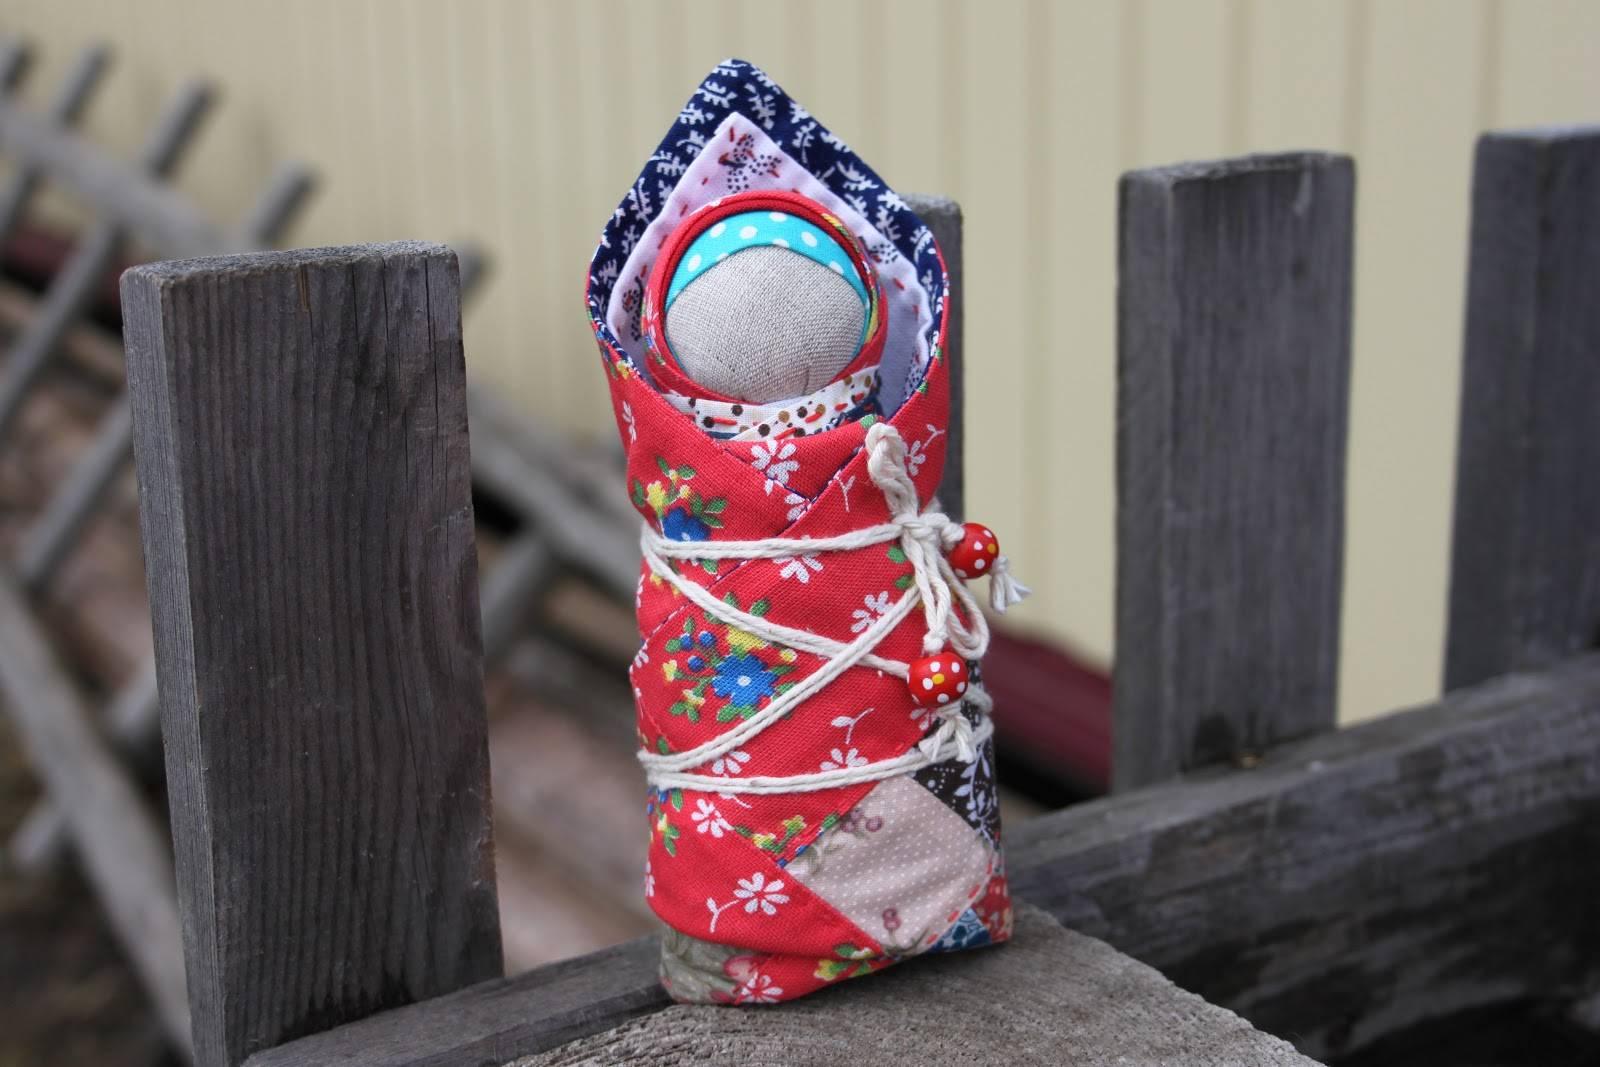 Кукла оберег своими руками для детей из ткани и лоскутов: пошаговое фото для начинающих